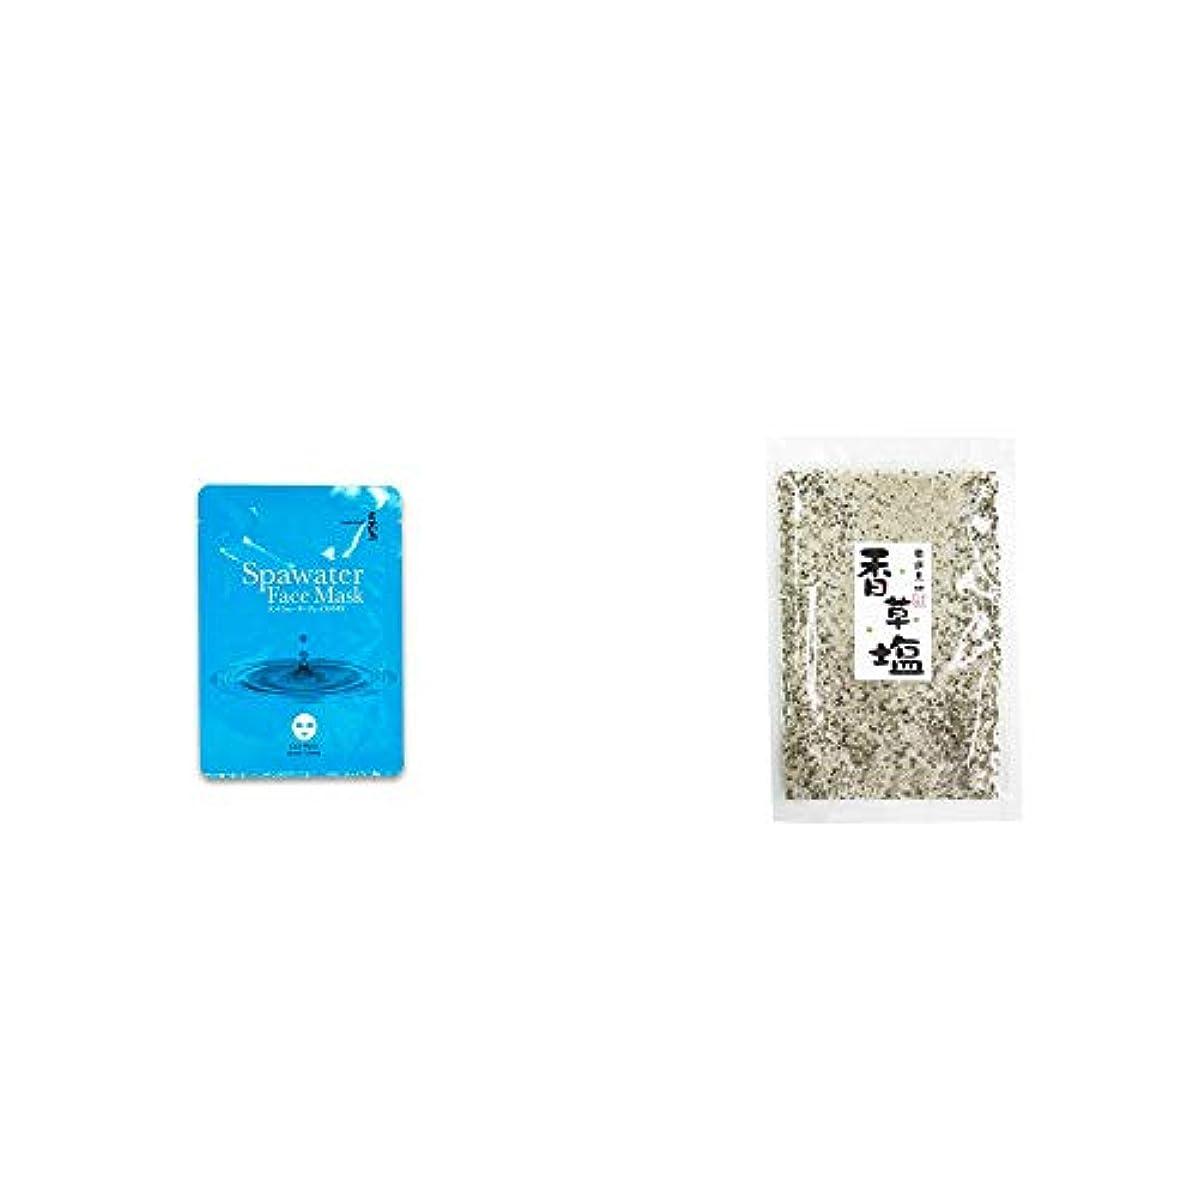 急襲カイウスボランティア[2点セット] ひのき炭黒泉 スパウォーターフェイスマスク(18ml×3枚入)?香草塩 [袋タイプ](100g)